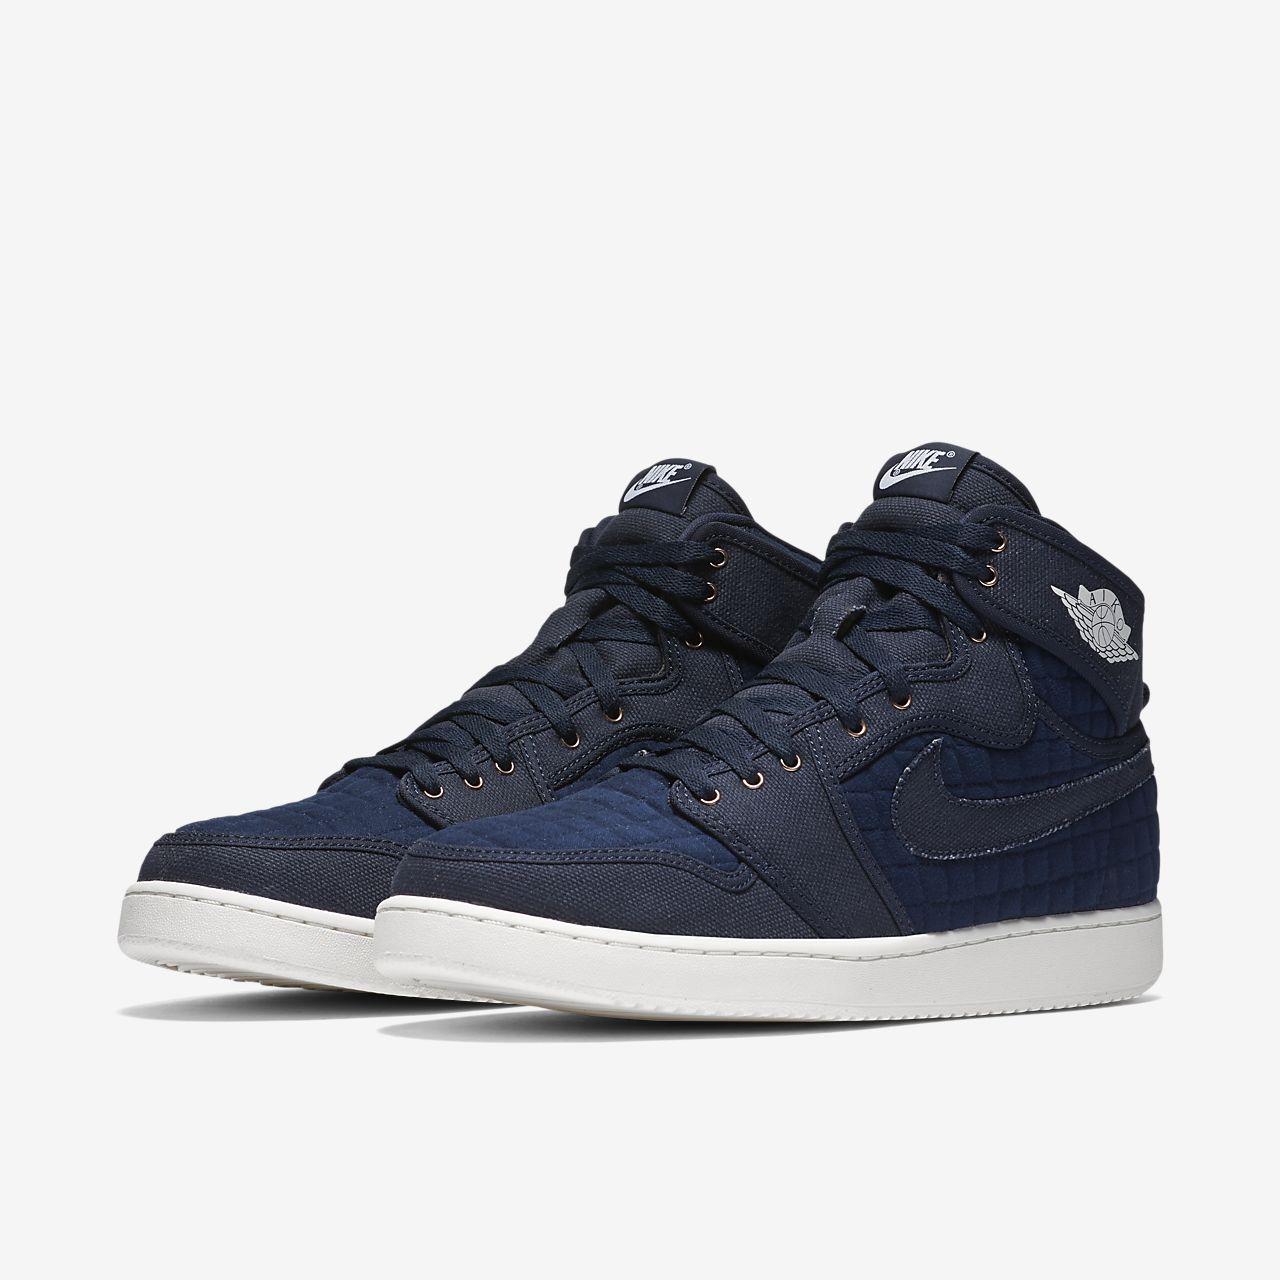 buy popular ca775 0fa3f ... Air Jordan 1 KO High OG Men s Shoe